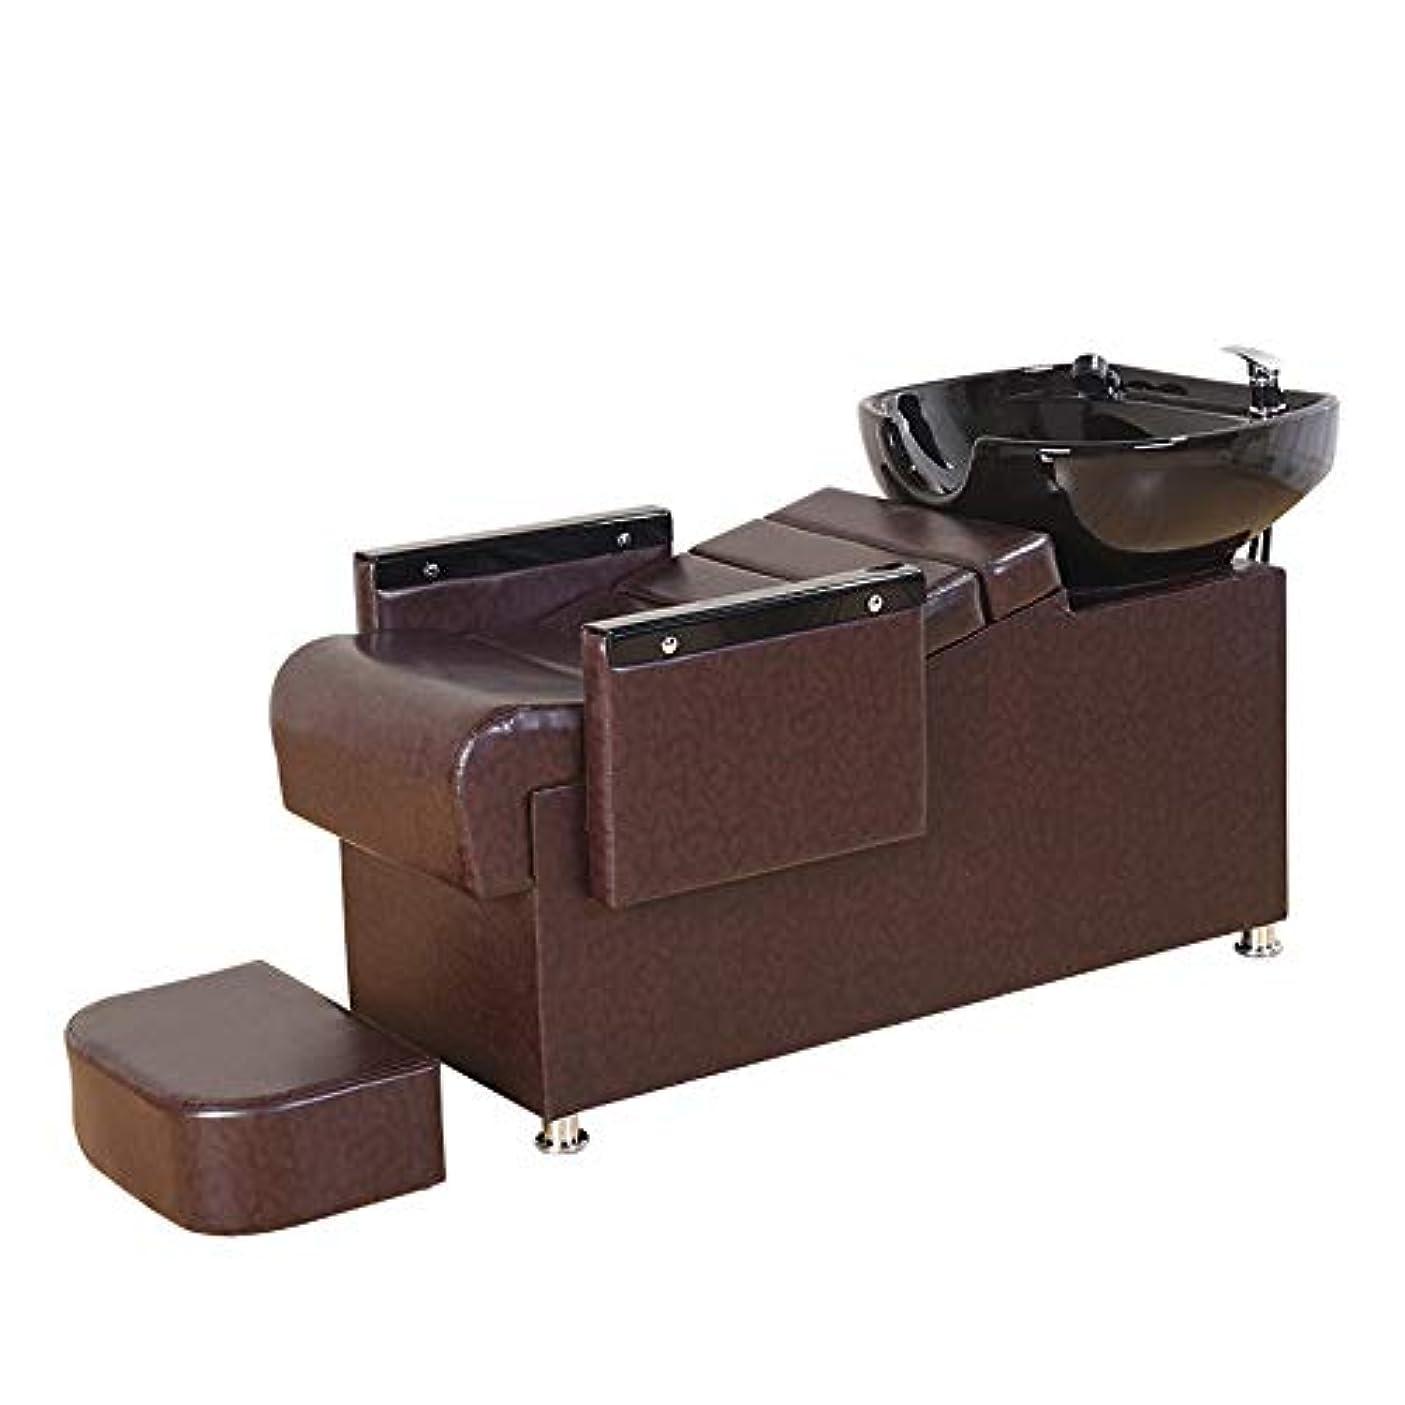 近傍山パン屋シャンプー椅子、逆洗ユニットシャンプーボウル理髪店フラッシングベッド美容院シンク椅子用スパ美容院機器